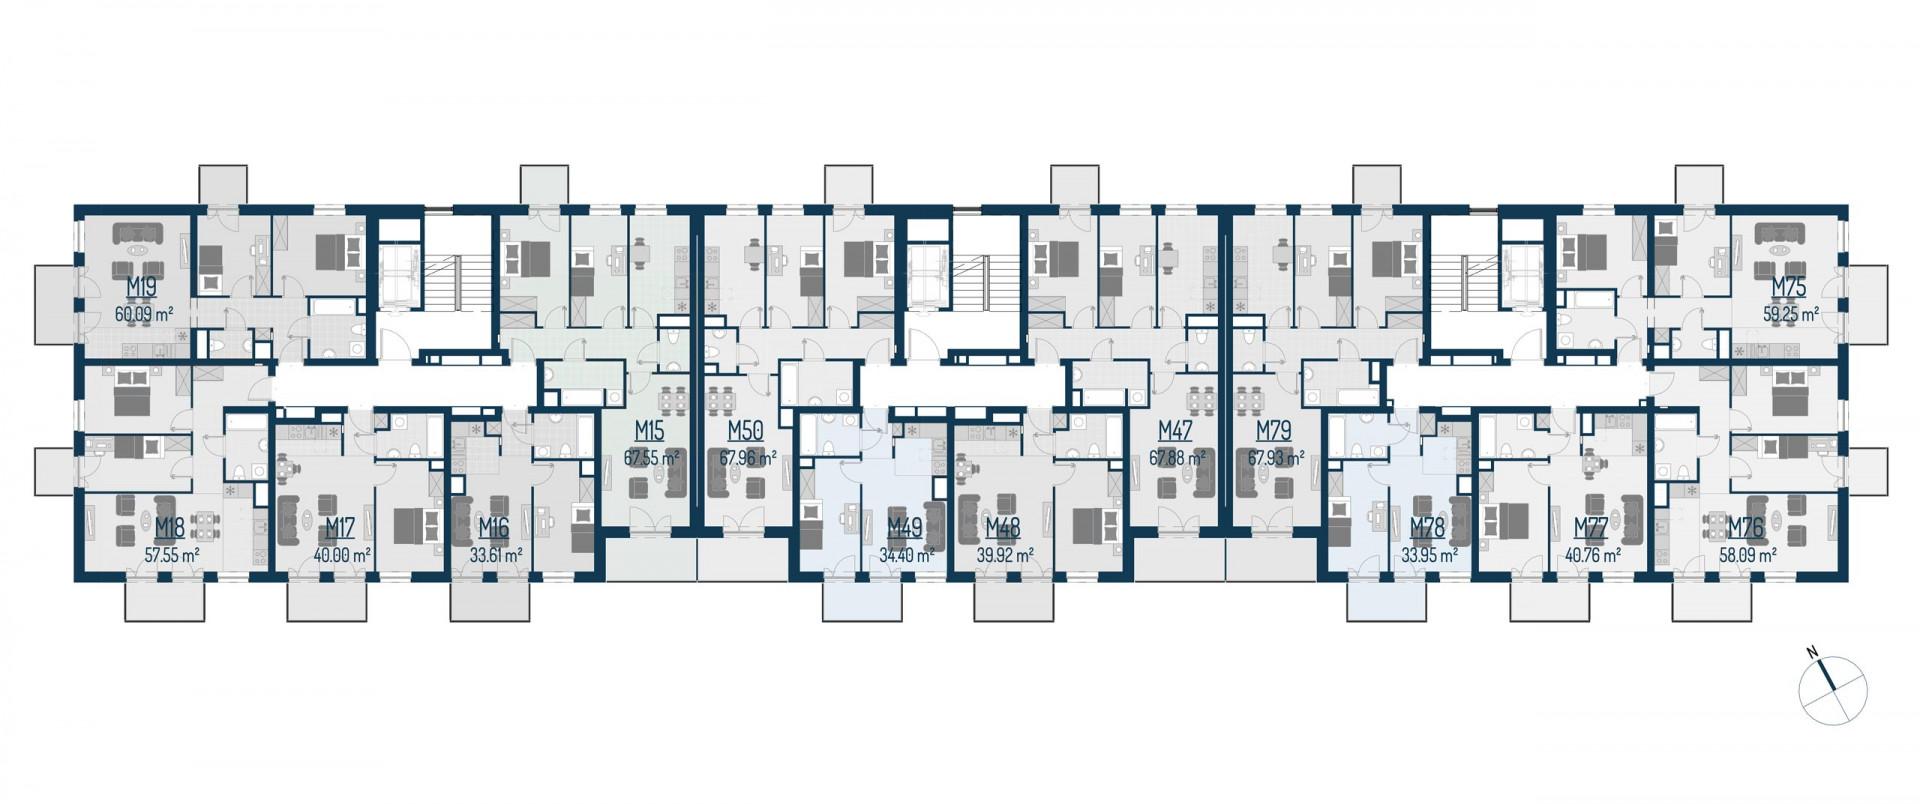 Zdrowe Stylove / budynek 1 / mieszkanie nr M47 rzut 2